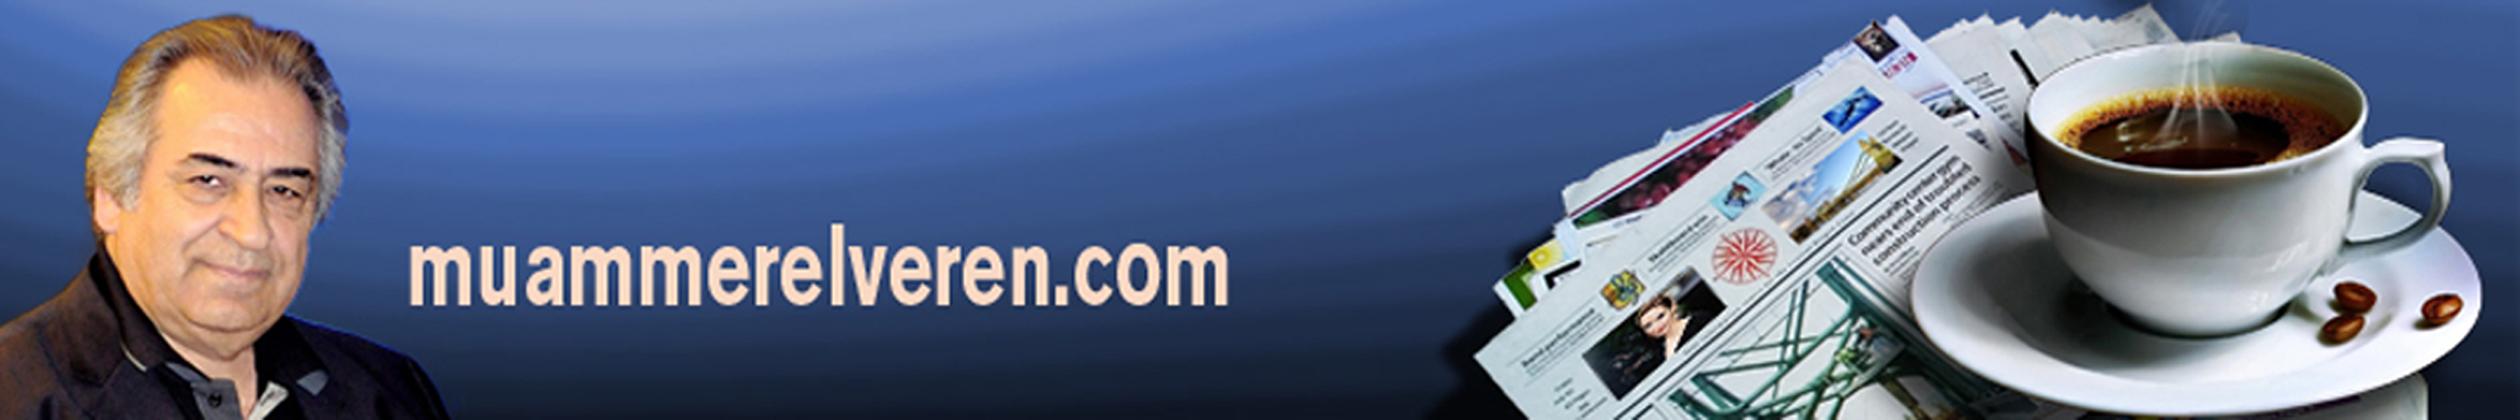 muammerelveren.com